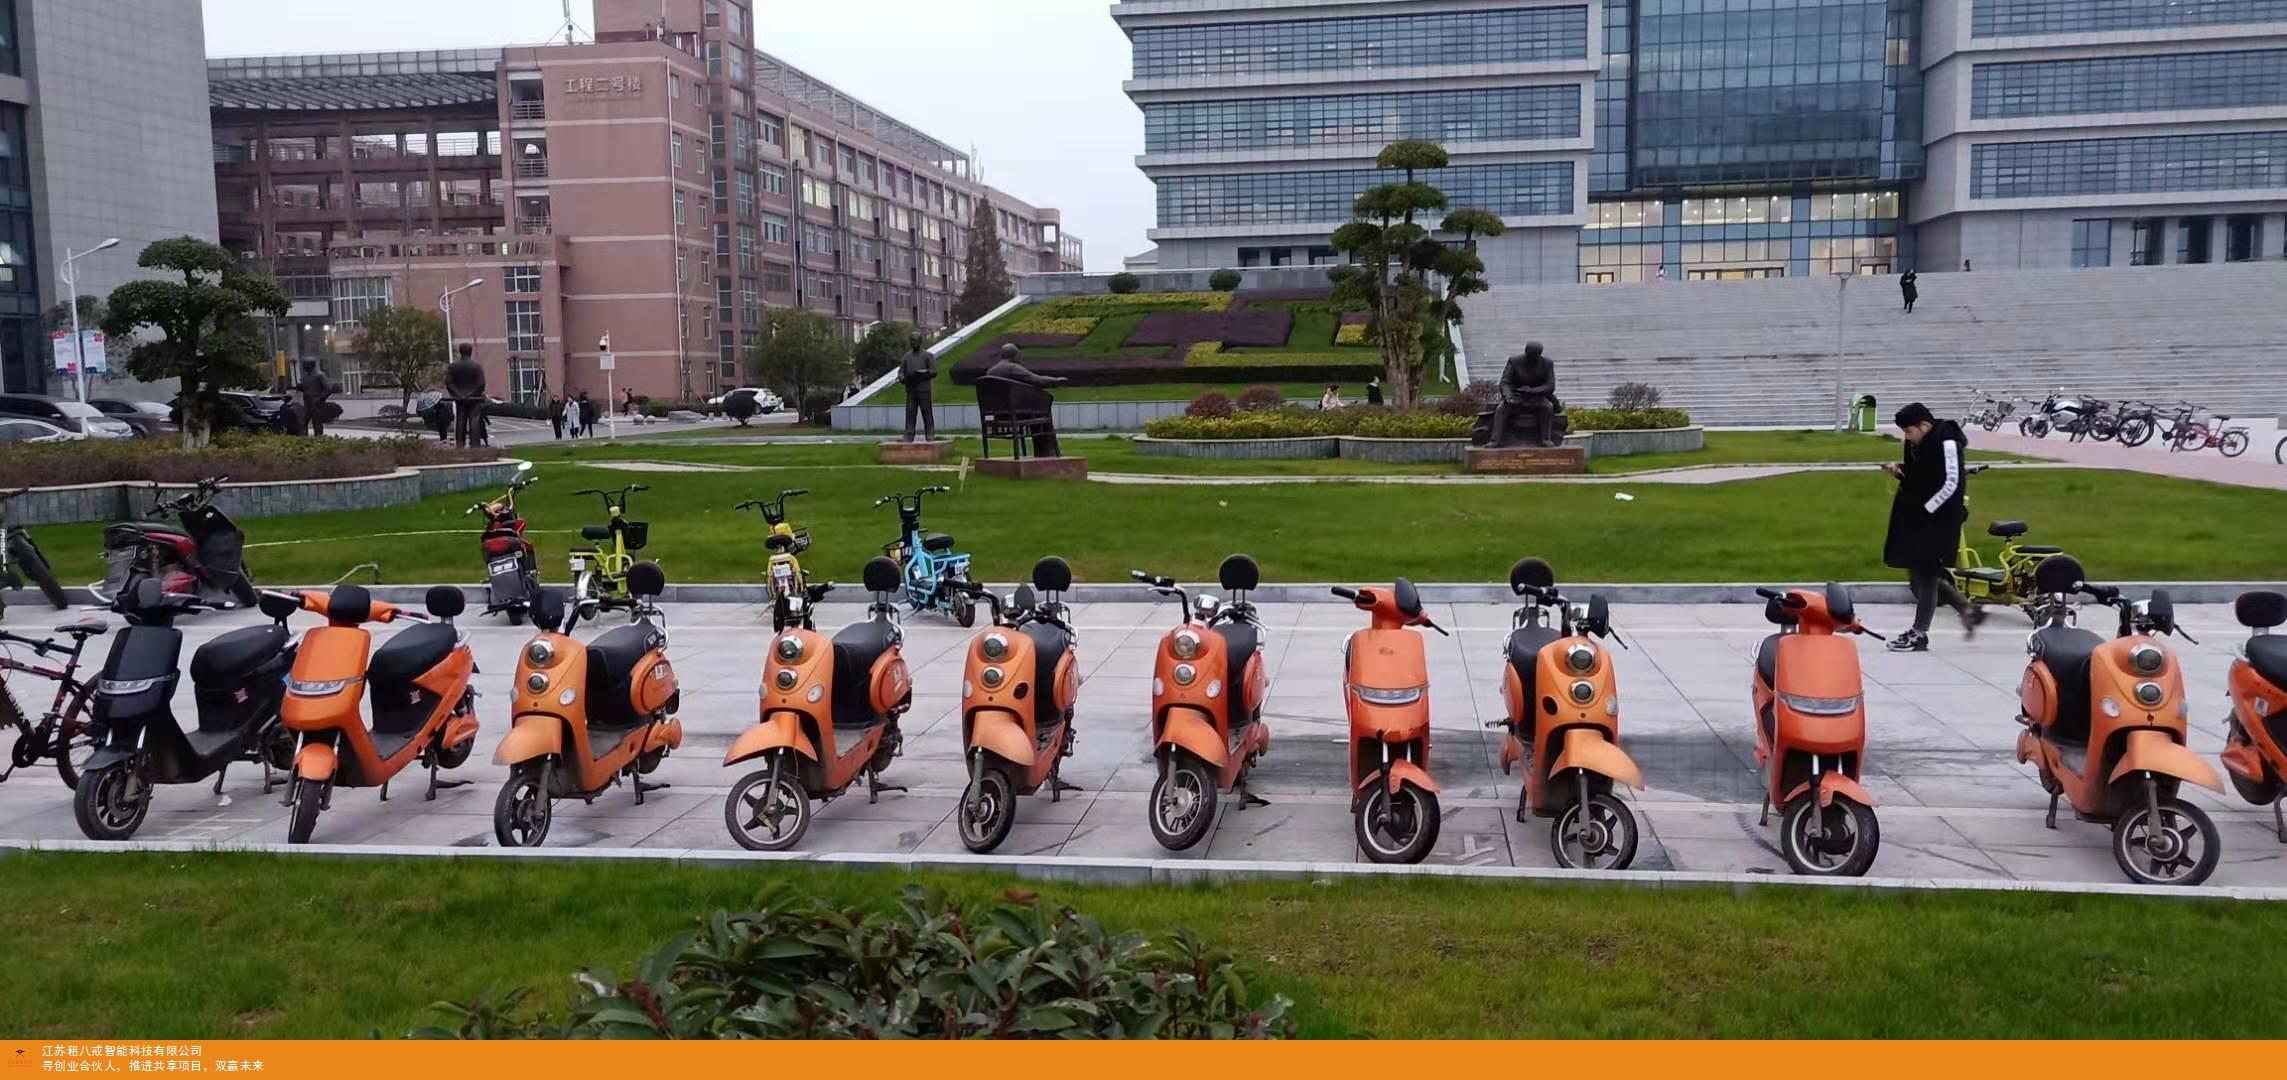 浙江共享电动车租赁创业 客户至上 江苏租八戒智能科技供应